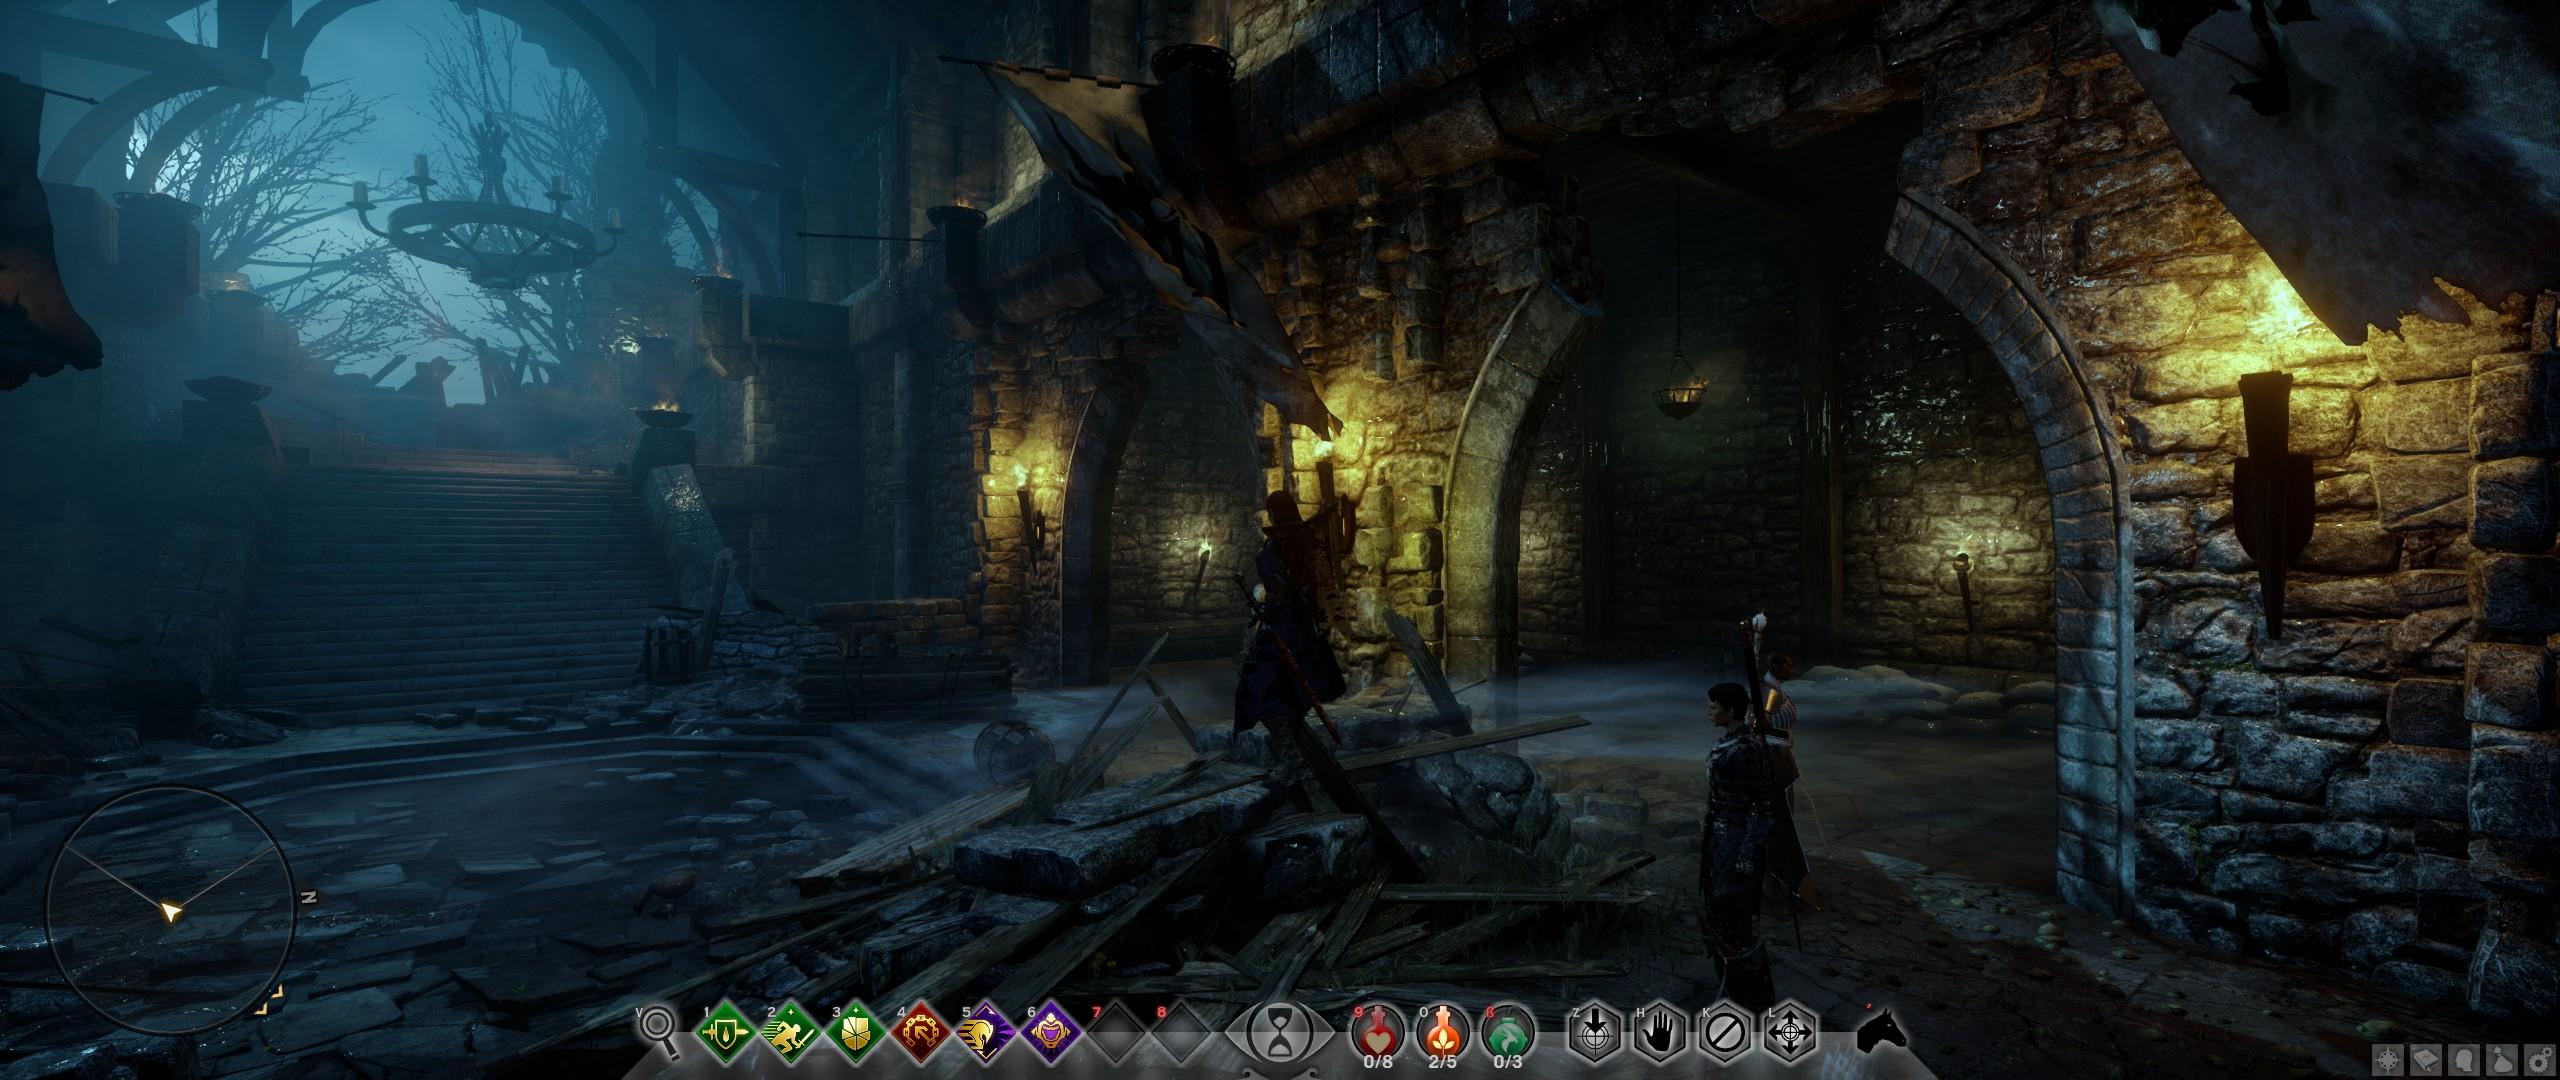 ScreenshotWin32_0055_Final